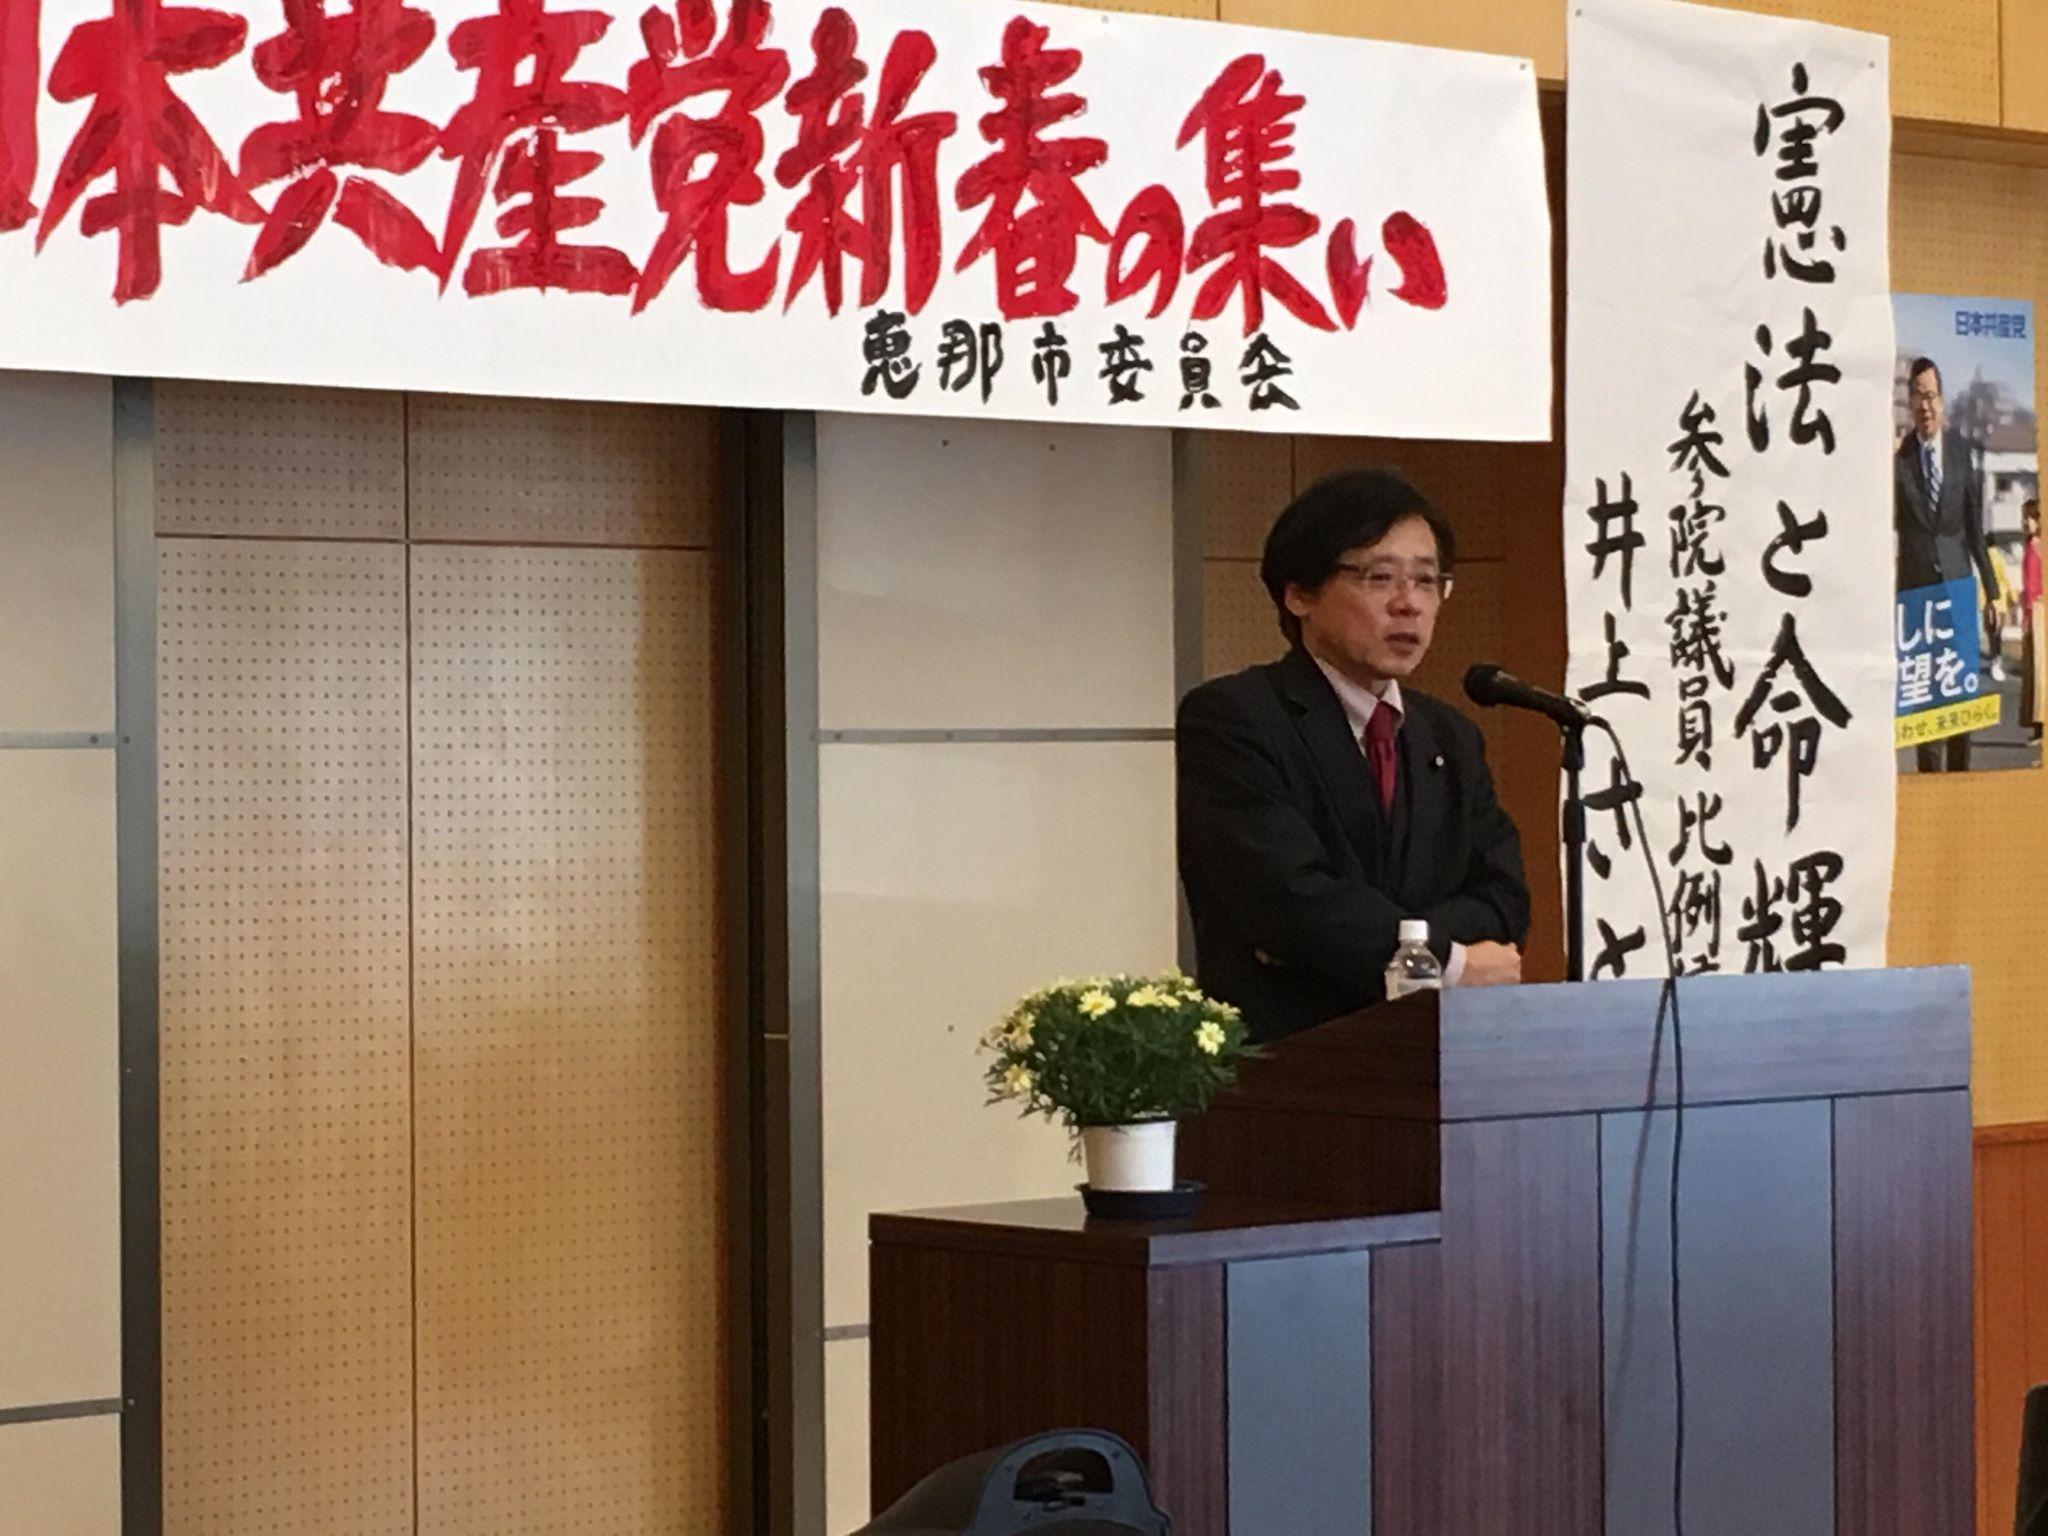 http://www.inoue-satoshi.com/diary/%E6%81%B5%E9%82%A3%E5%B8%82.jpg